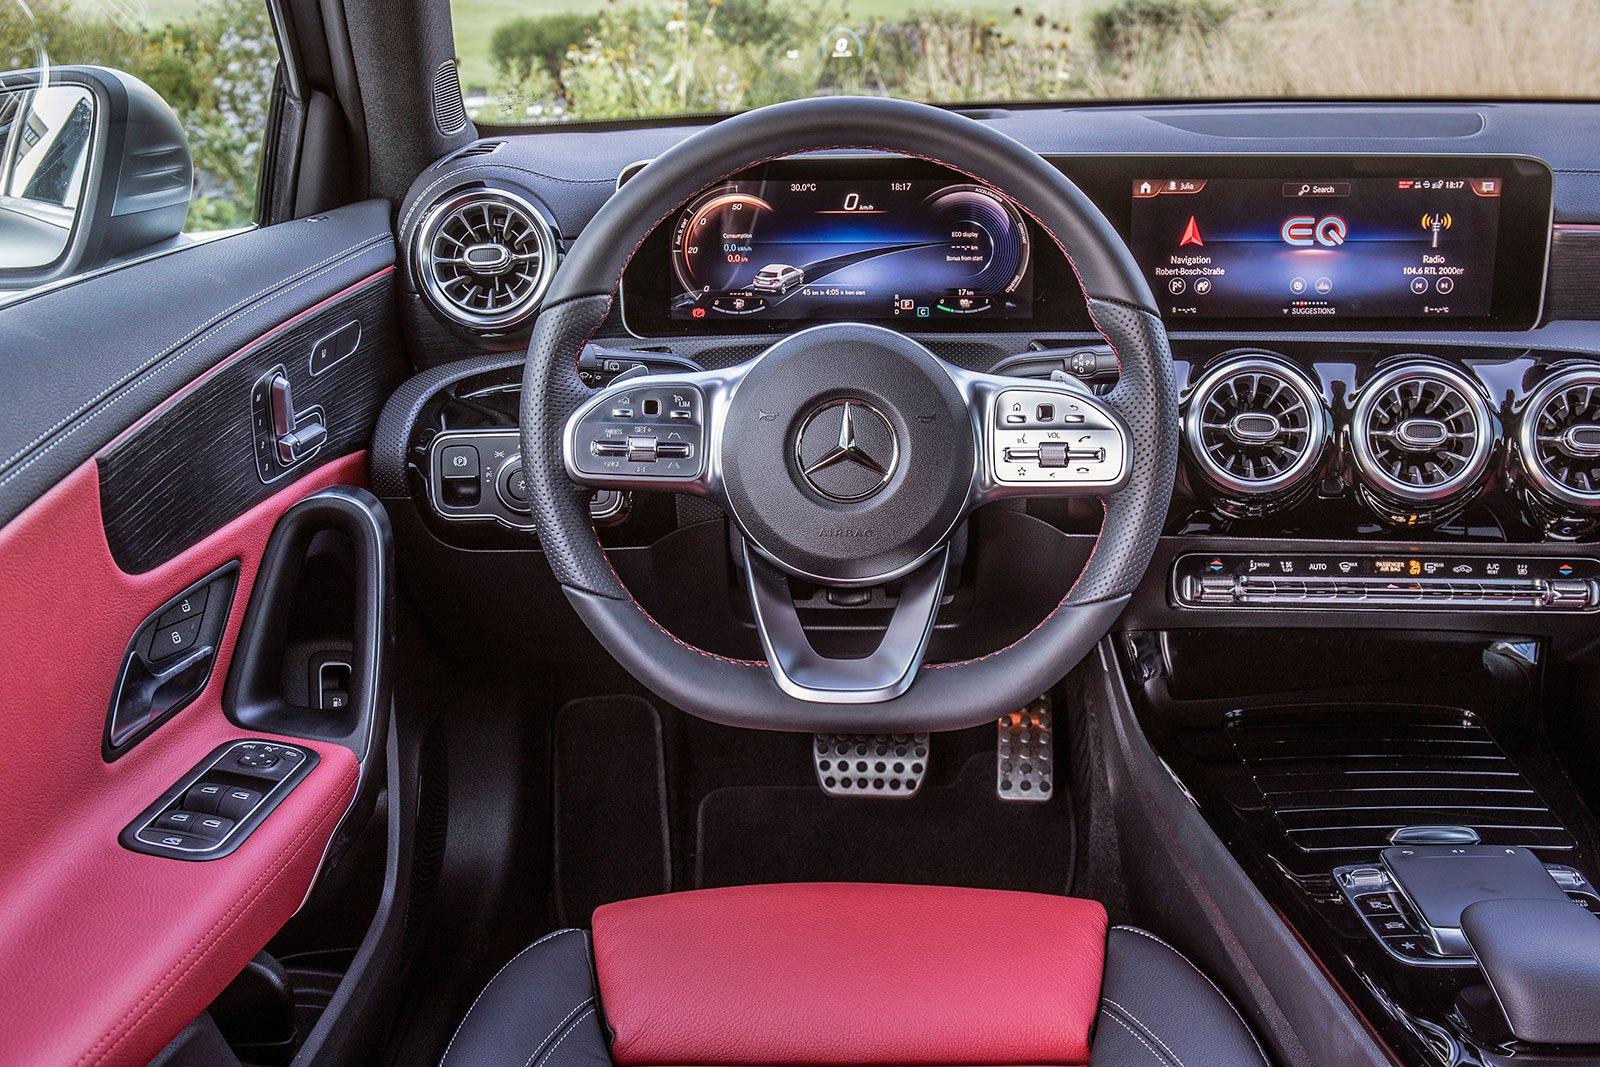 2019 mercedes a 250 e interior dashboard